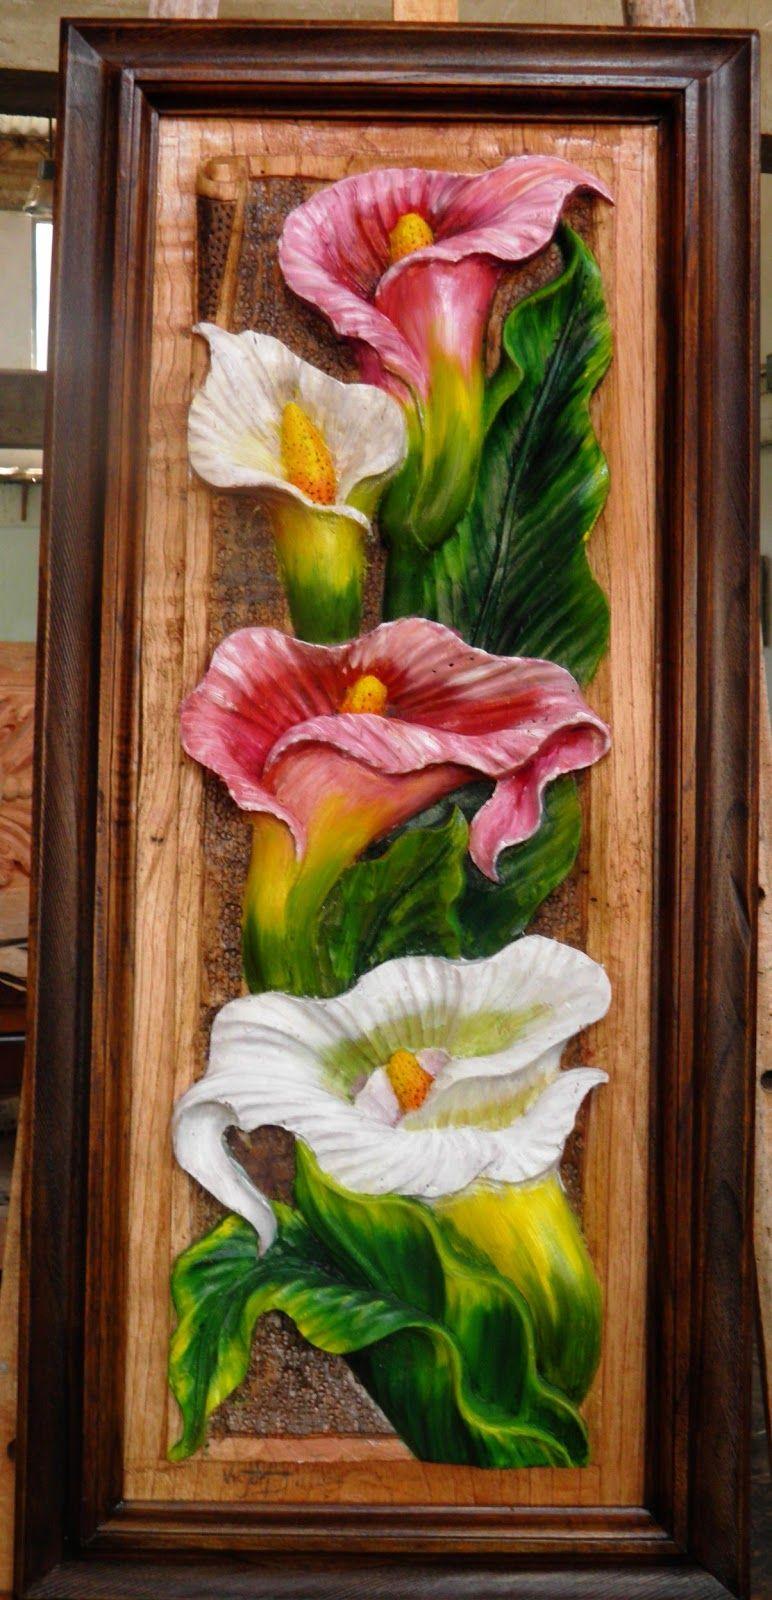 cuadros de girasoles tallados en madera - Buscar con Google   Clay wall  art, Mural art, Wood art